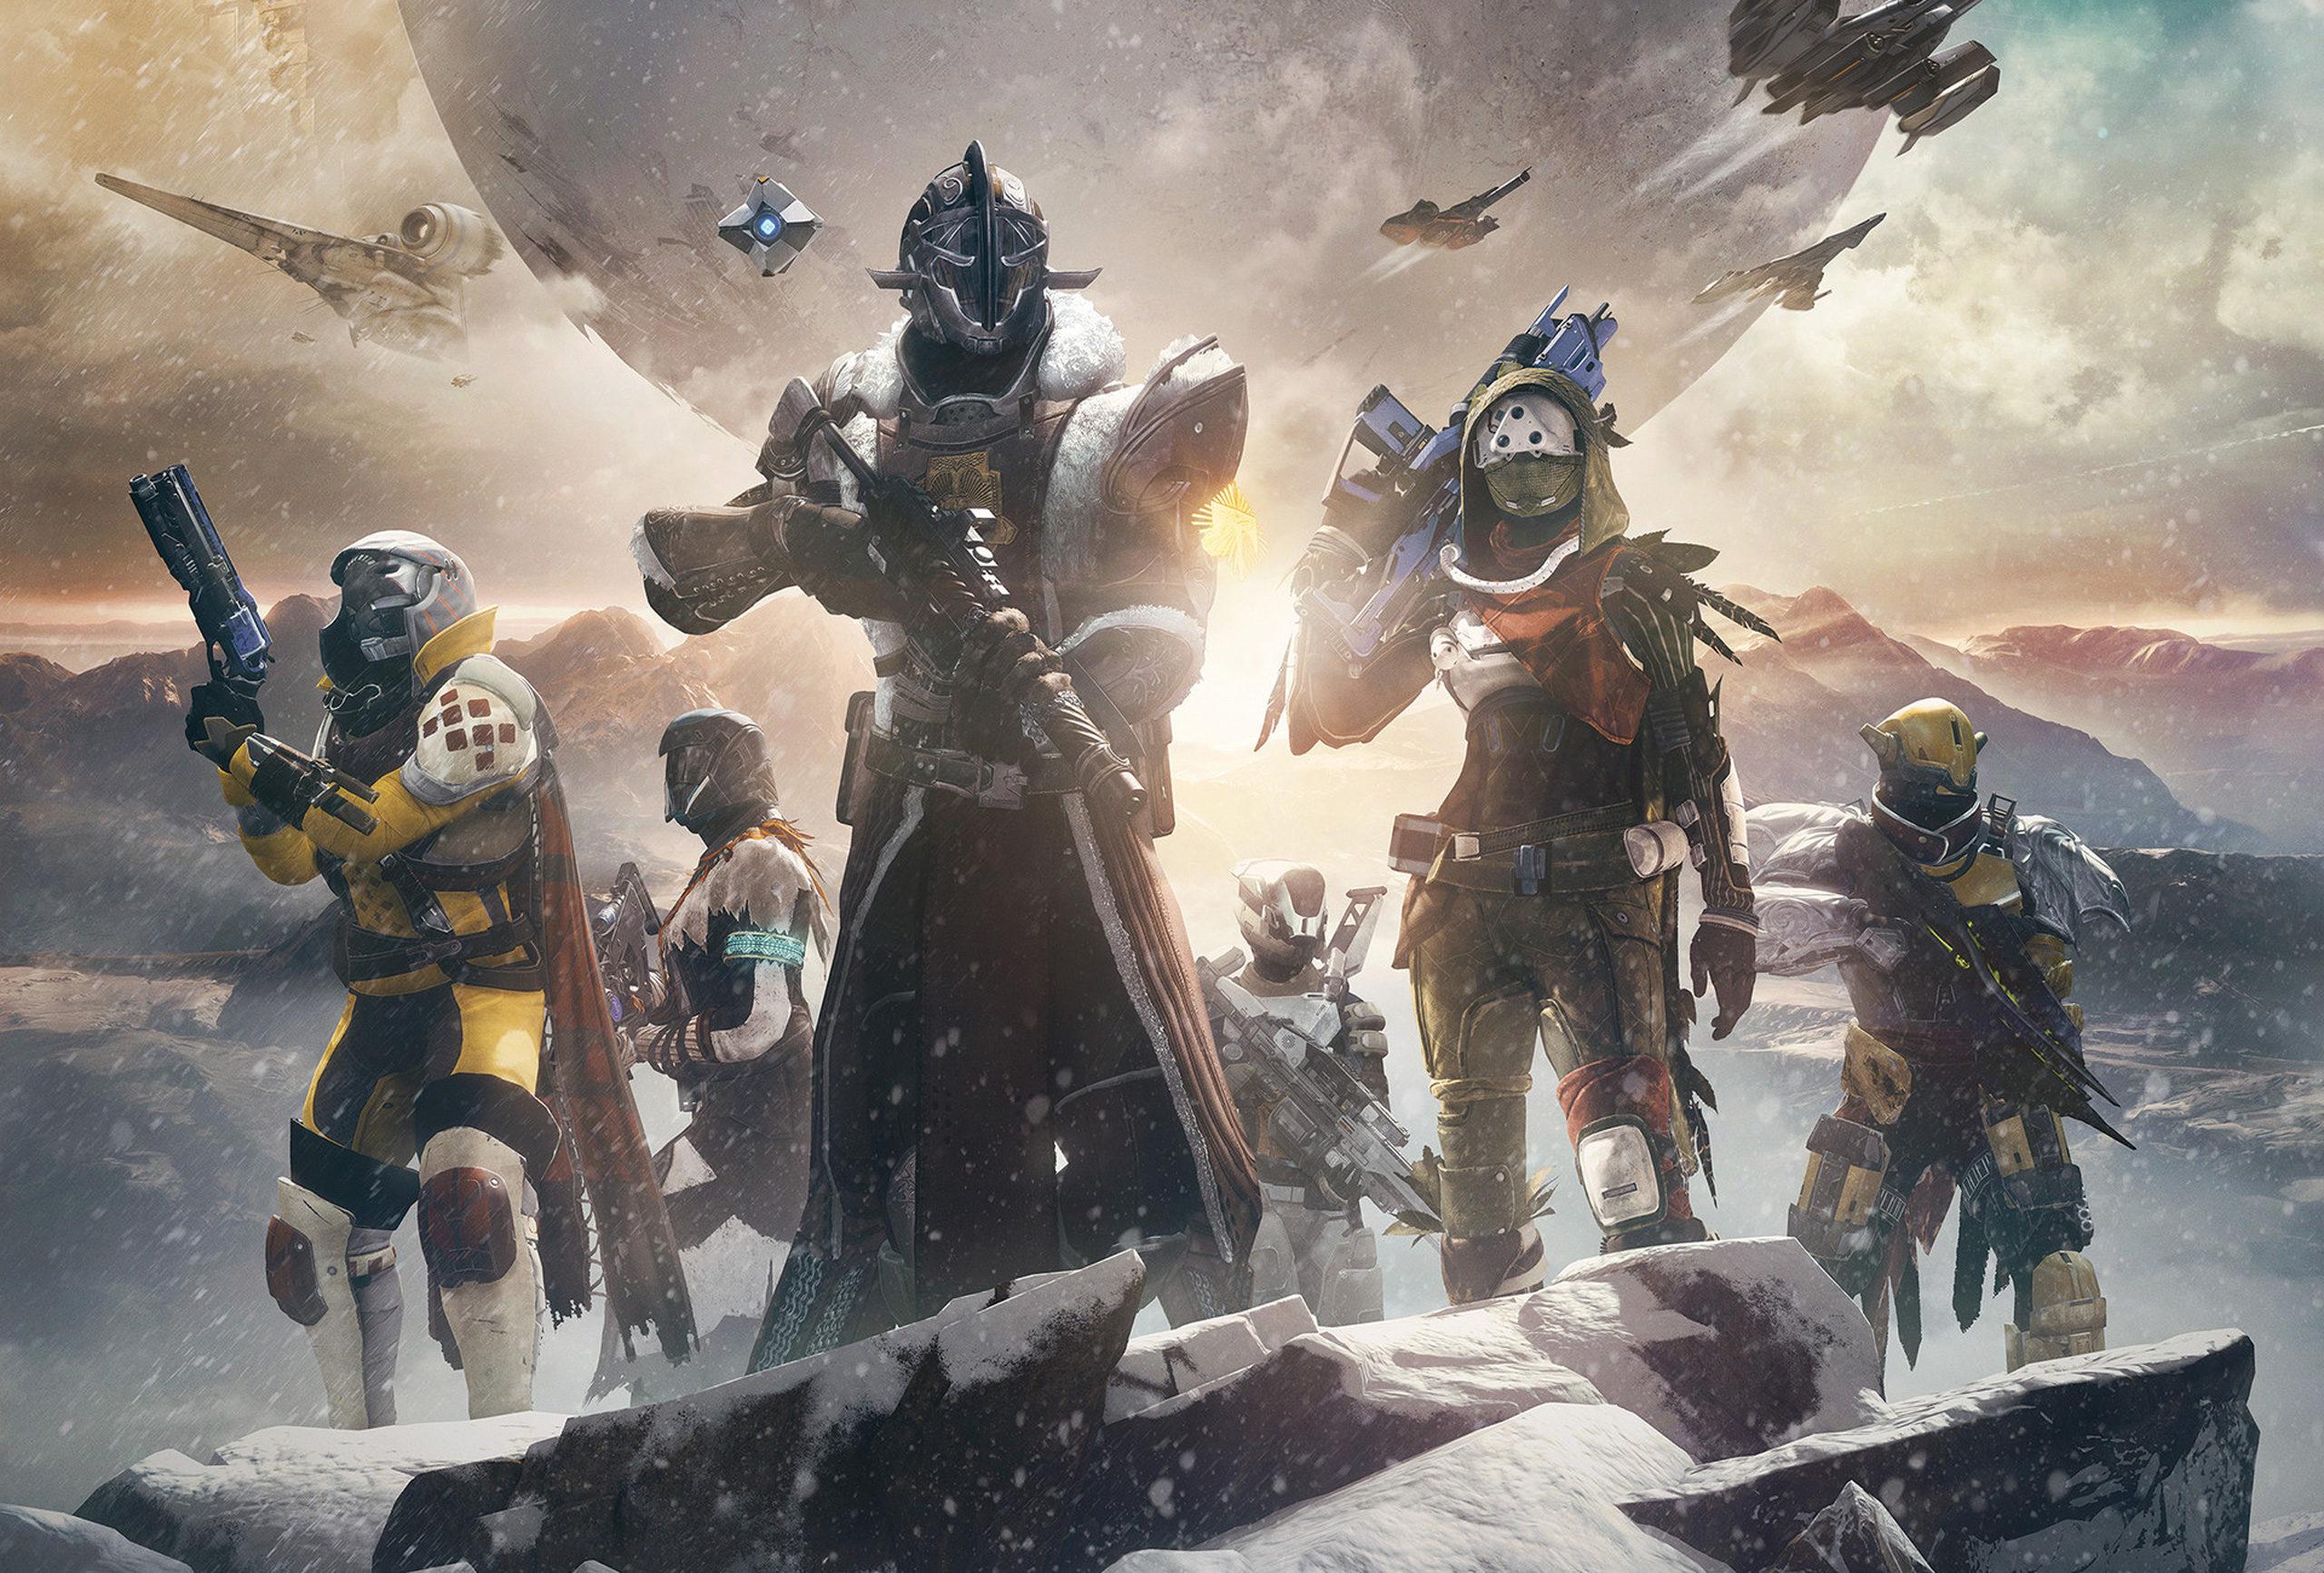 Spieler verbringen täglich 50 Minuten mit WoW, Destiny 2, CoD und Co.